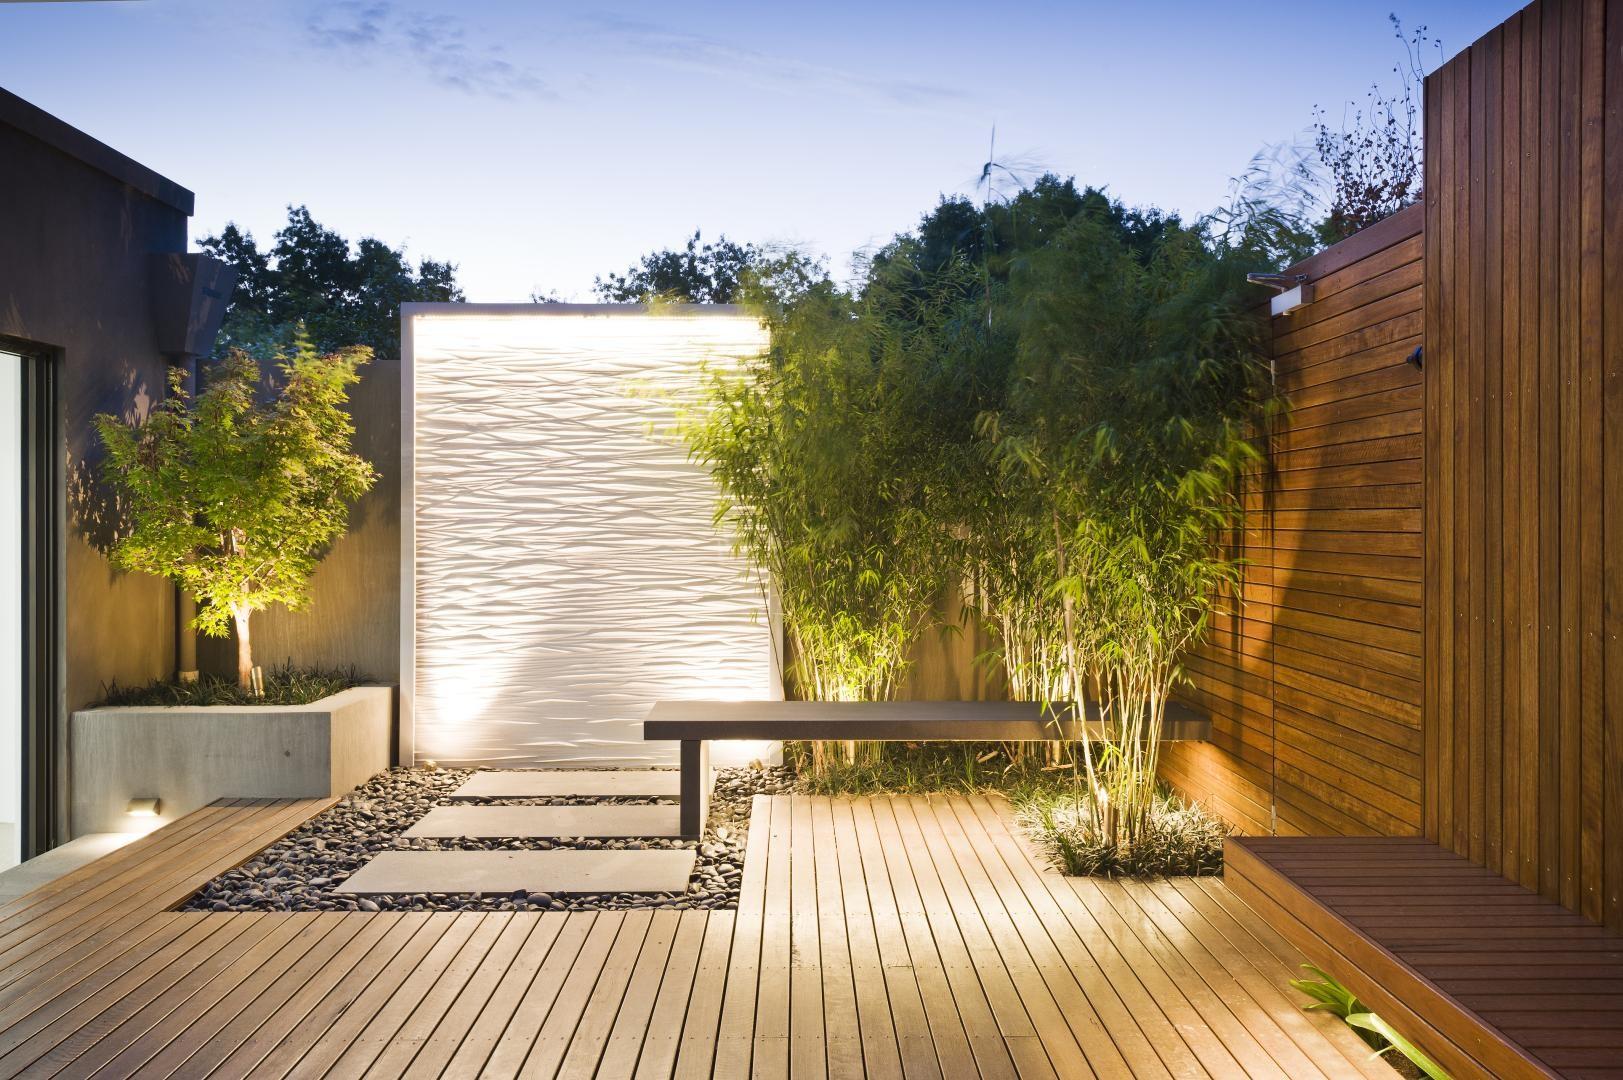 طراحی فضای سبز با کمترین هزینه